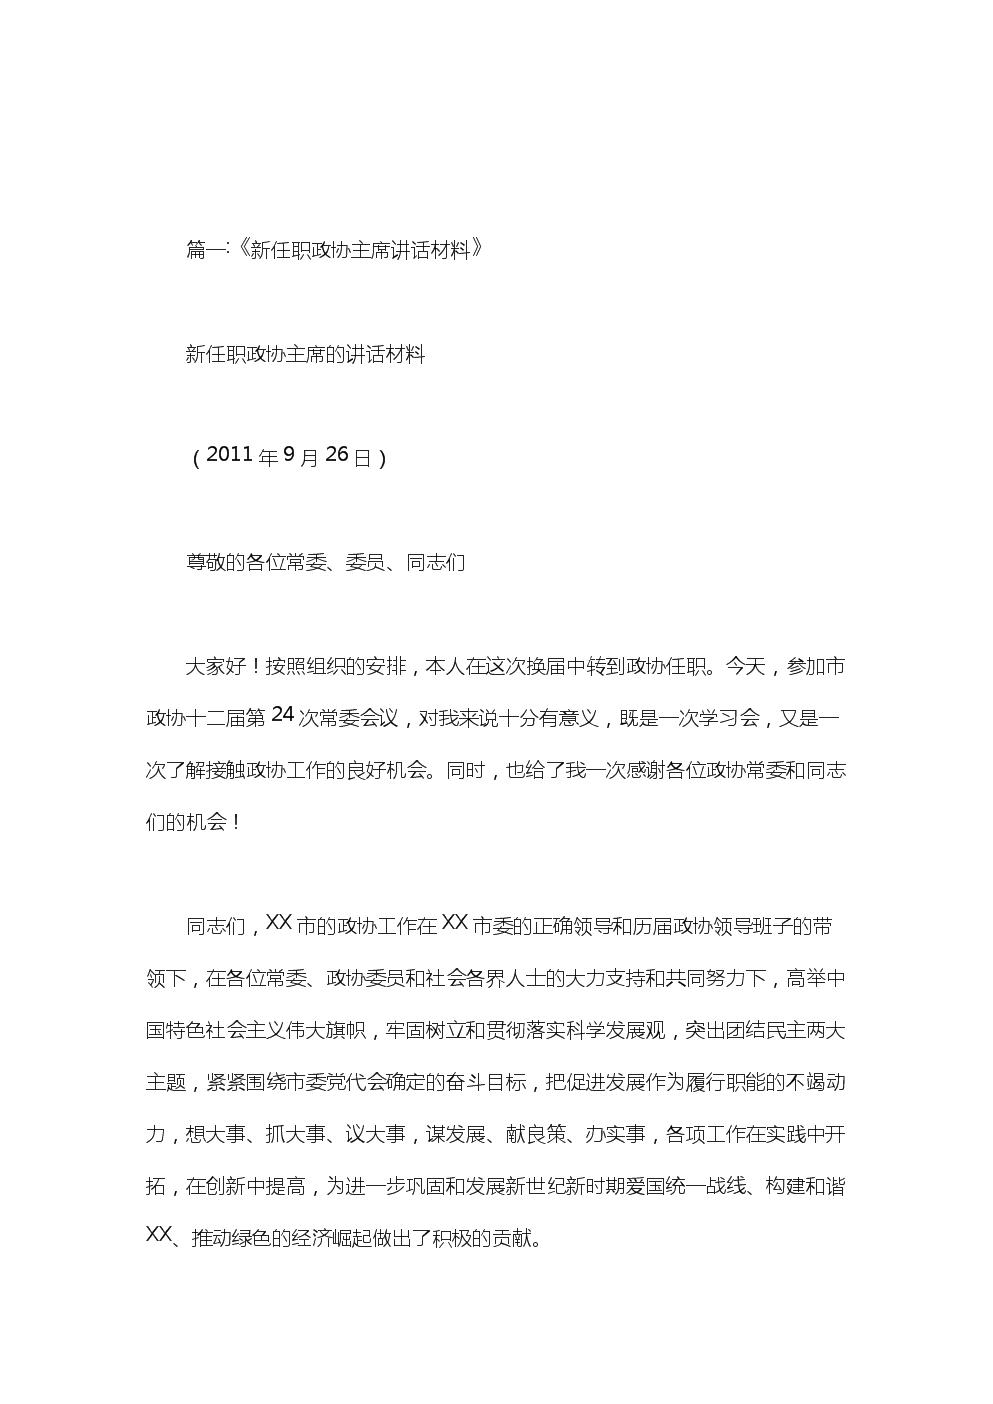 政协主席任职发言范文.doc